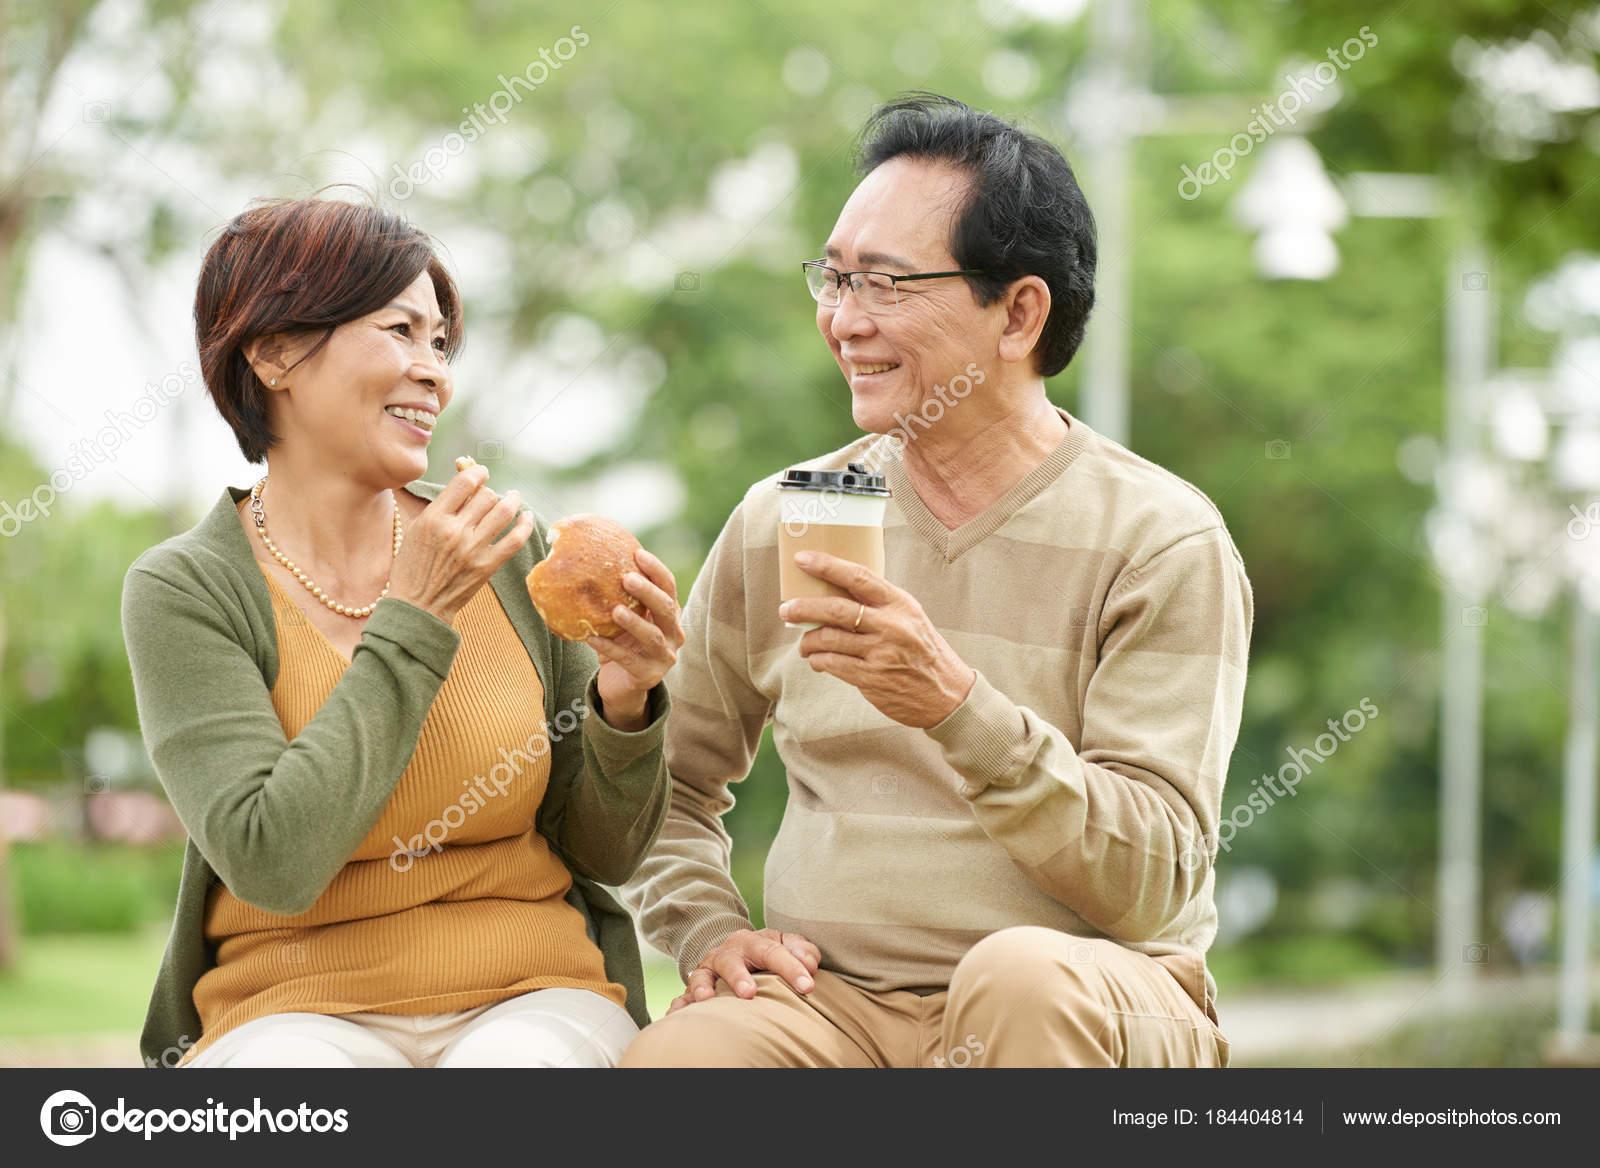 Asiatische Brautpaare online datieren